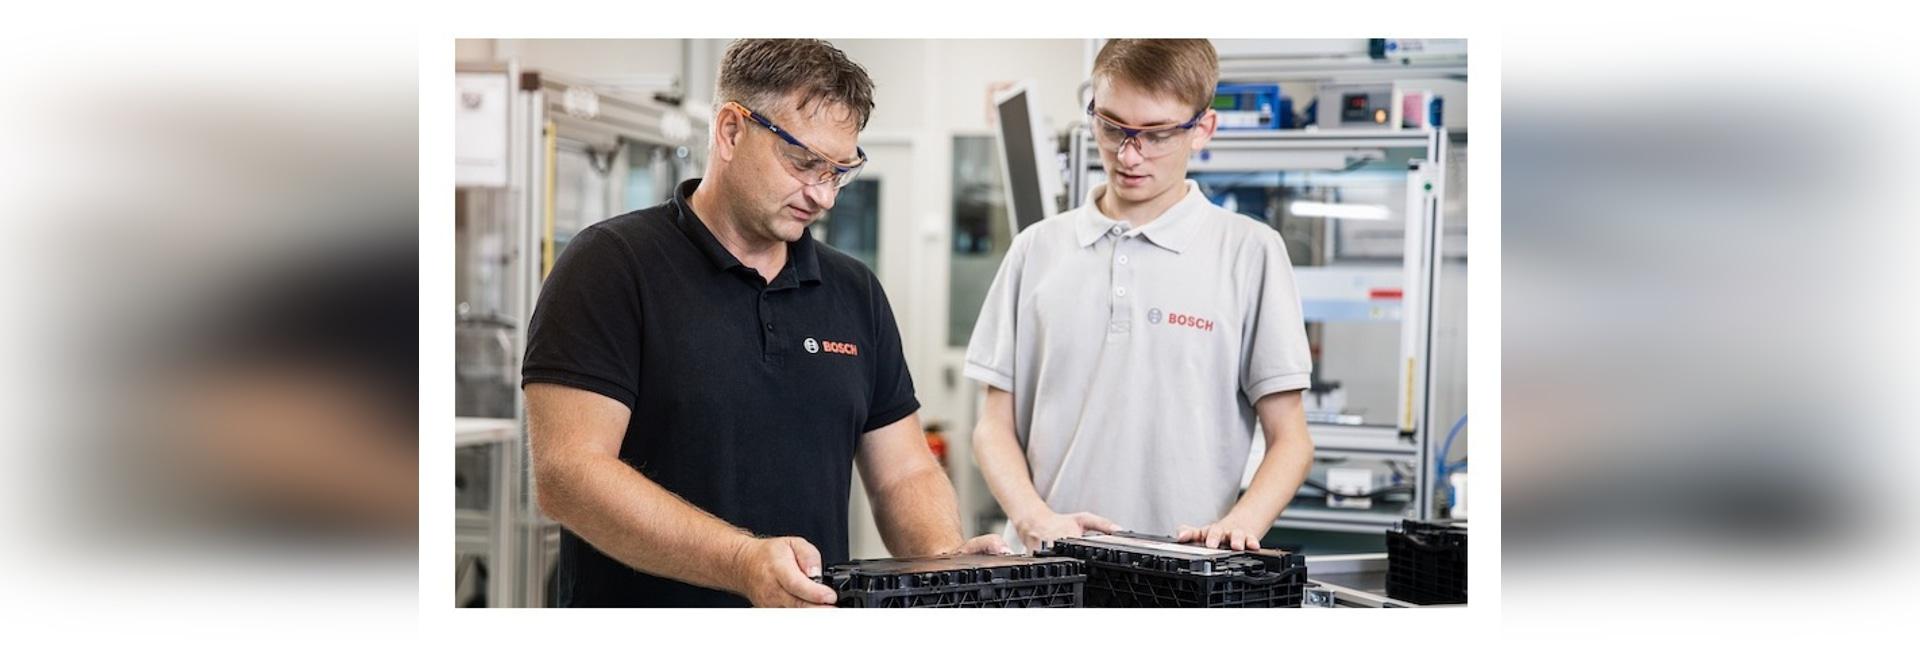 Bosch et CATL s'associent pour fabriquer des cellules de batterie 48 volts